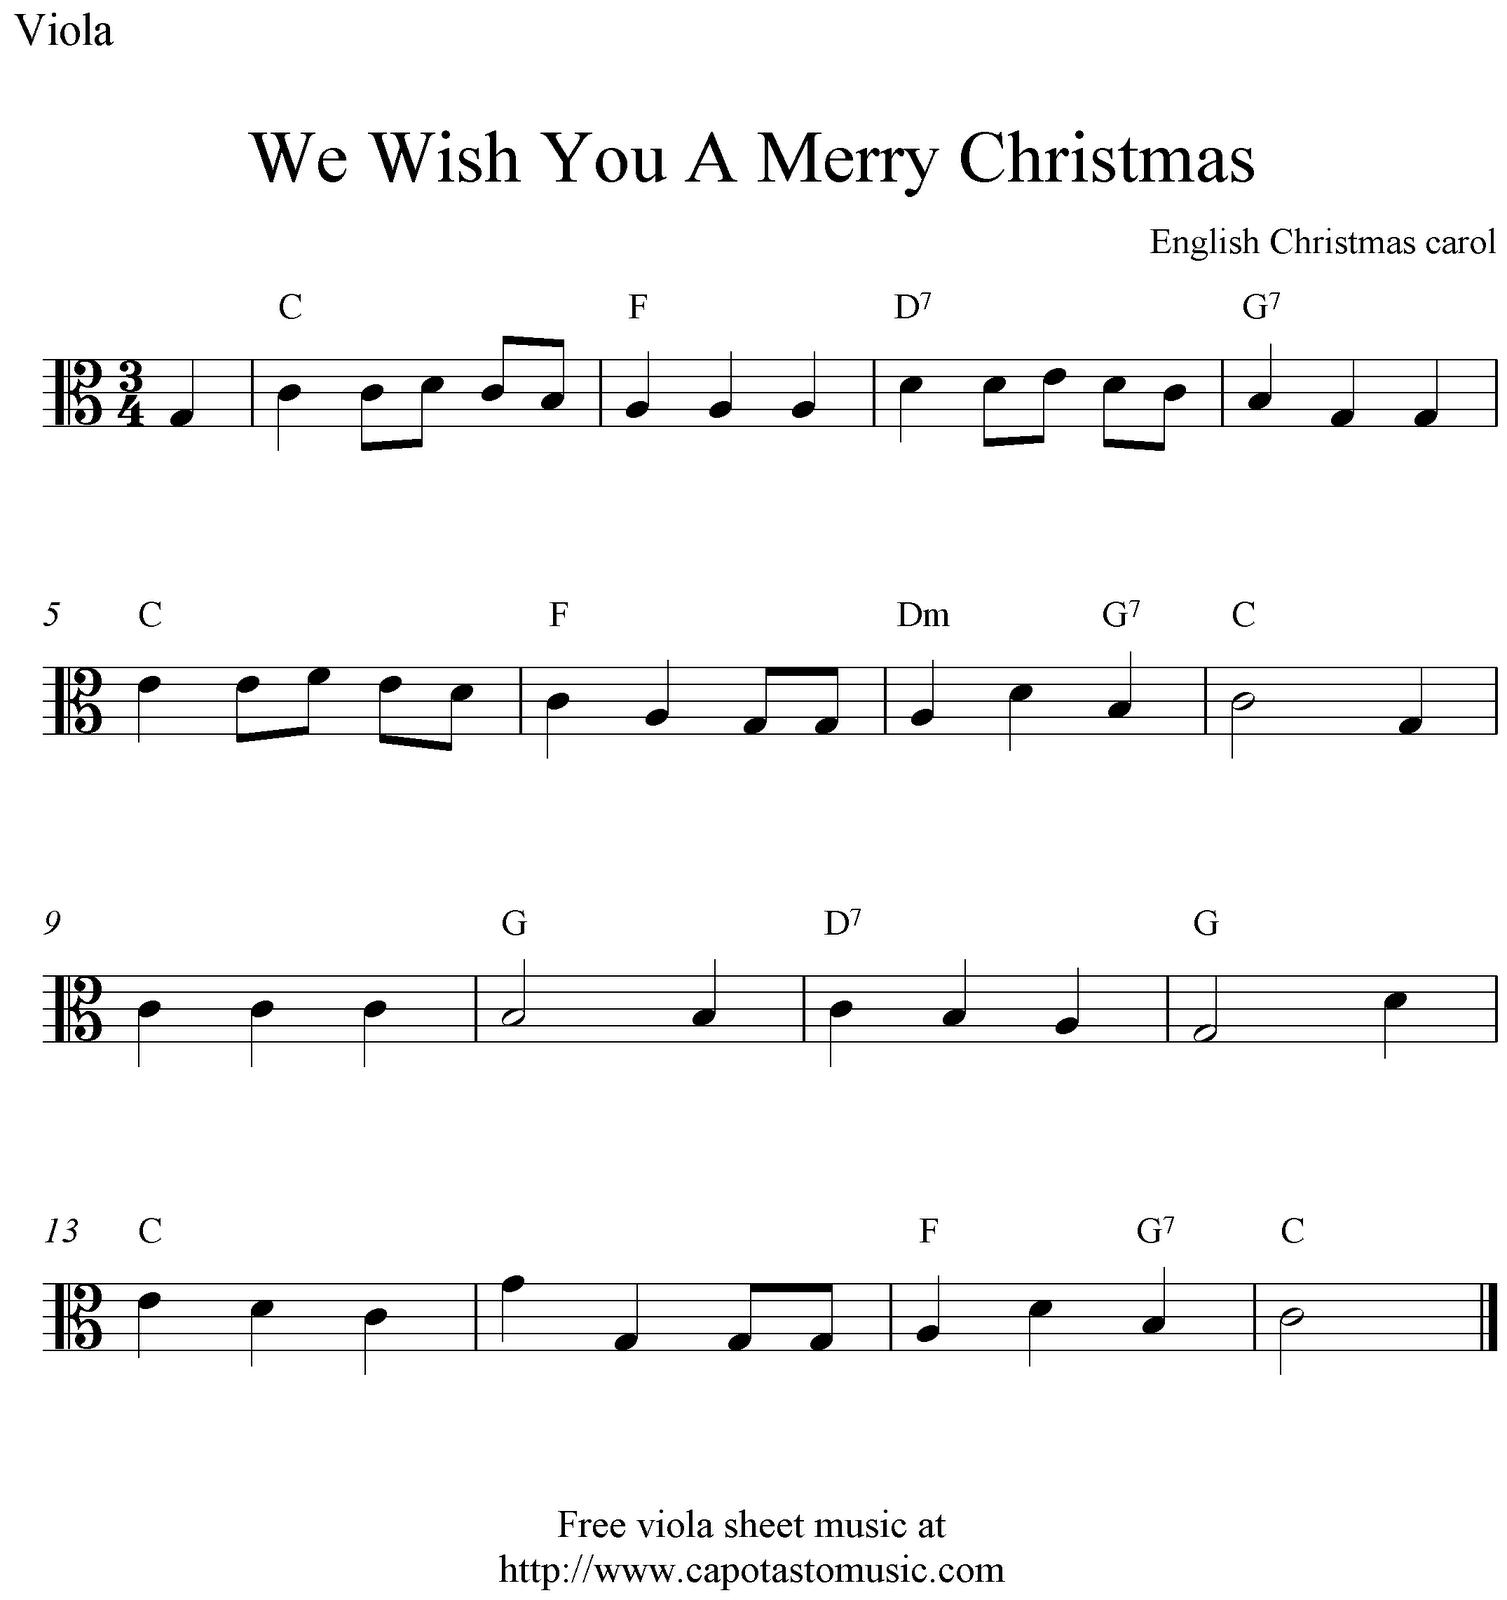 Viola Sheet Music For Christmas